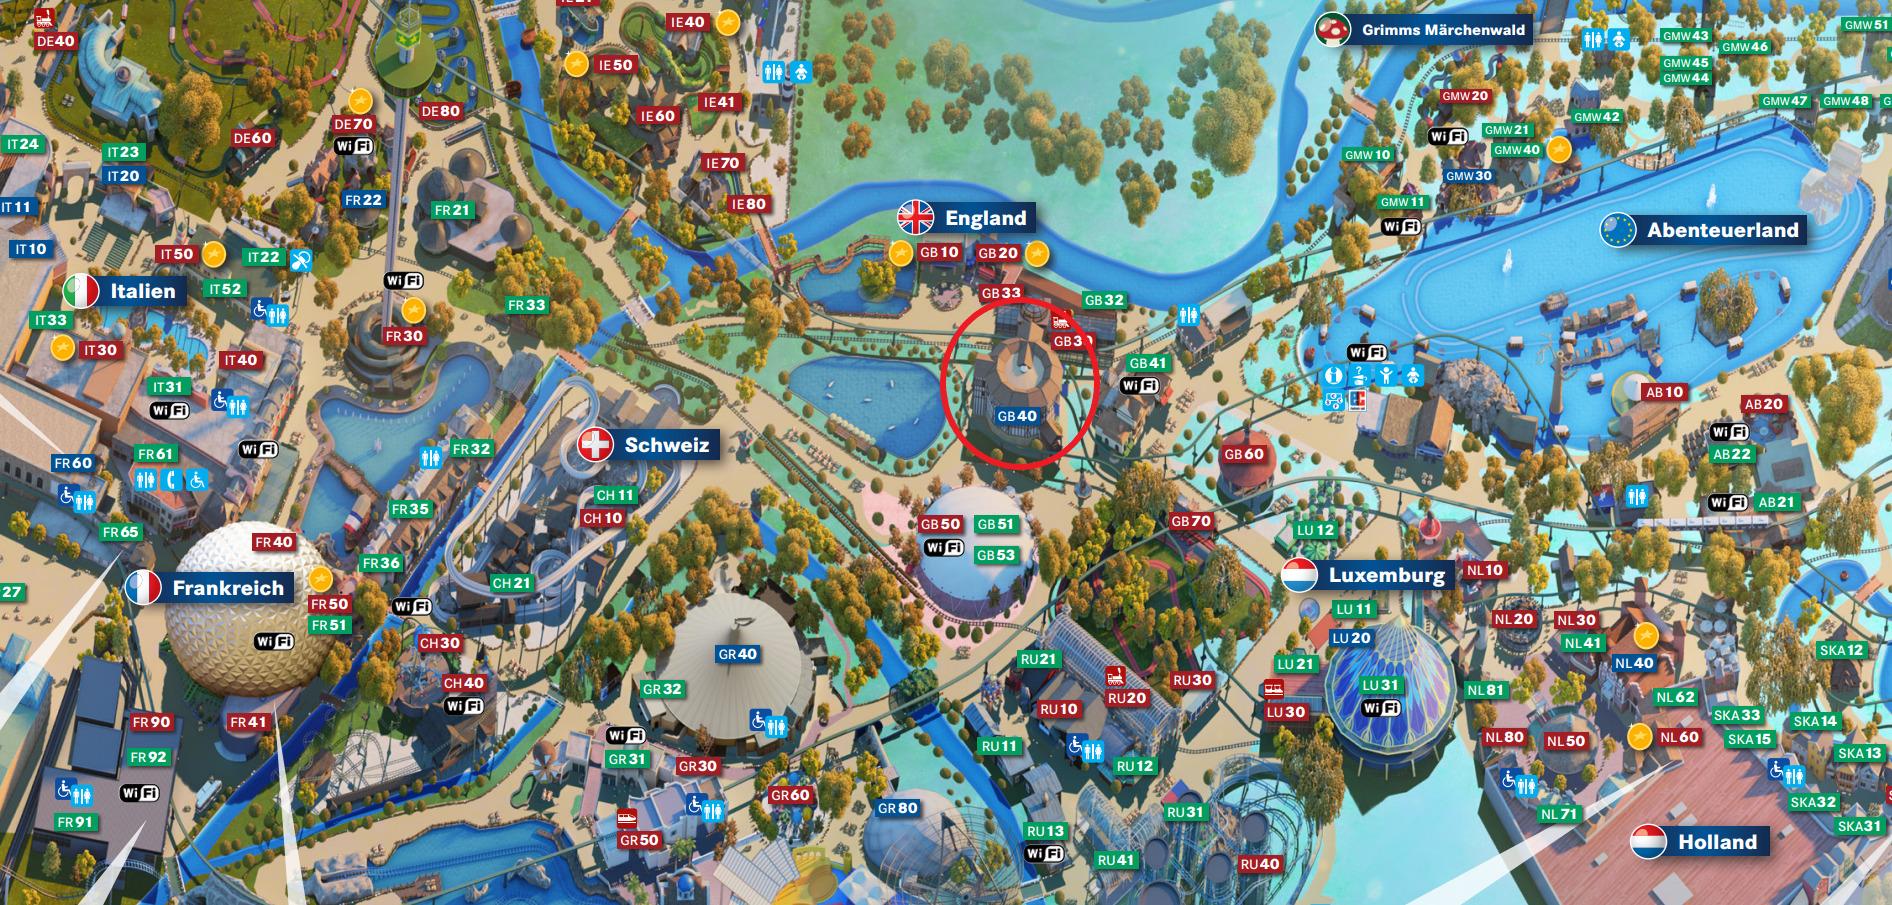 """Aktueller Parkplan des Europa-Park. Das """"Globe Theater"""" befindet sich im eingekreisten Bereich."""